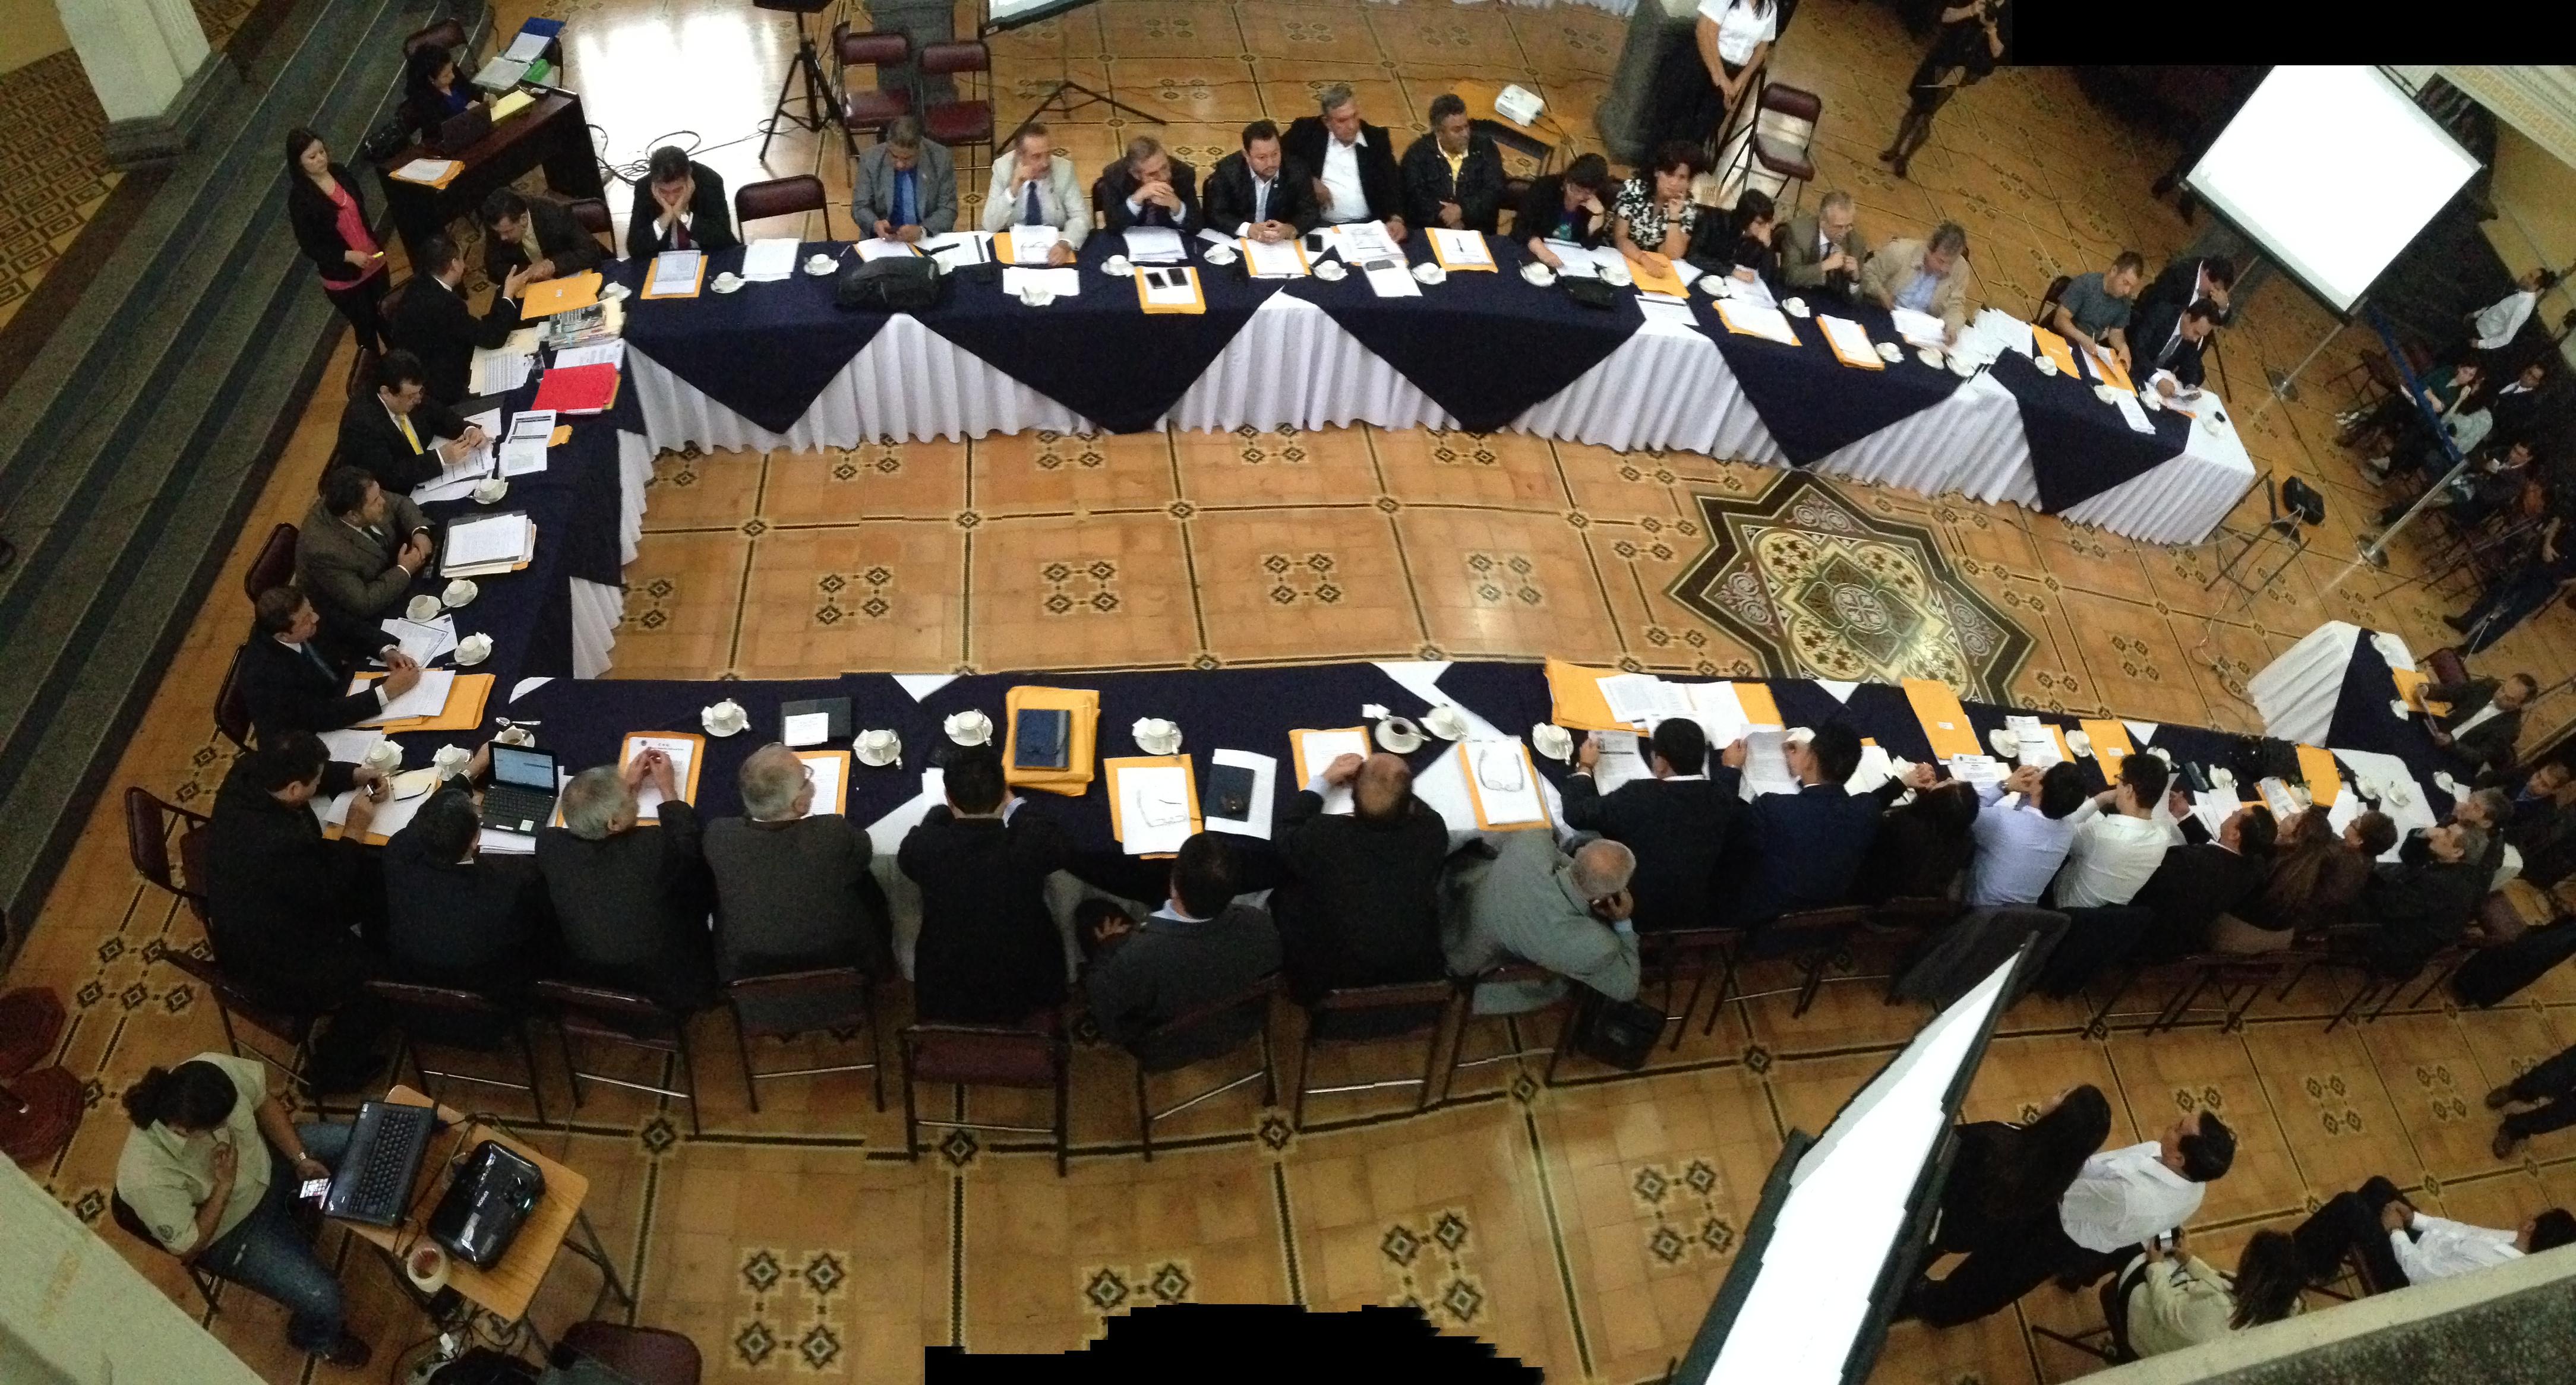 El Consejo Superior Universitario a punto de decidir sobre nuevo magistrado de CC. Foto: Sara Quiñonez